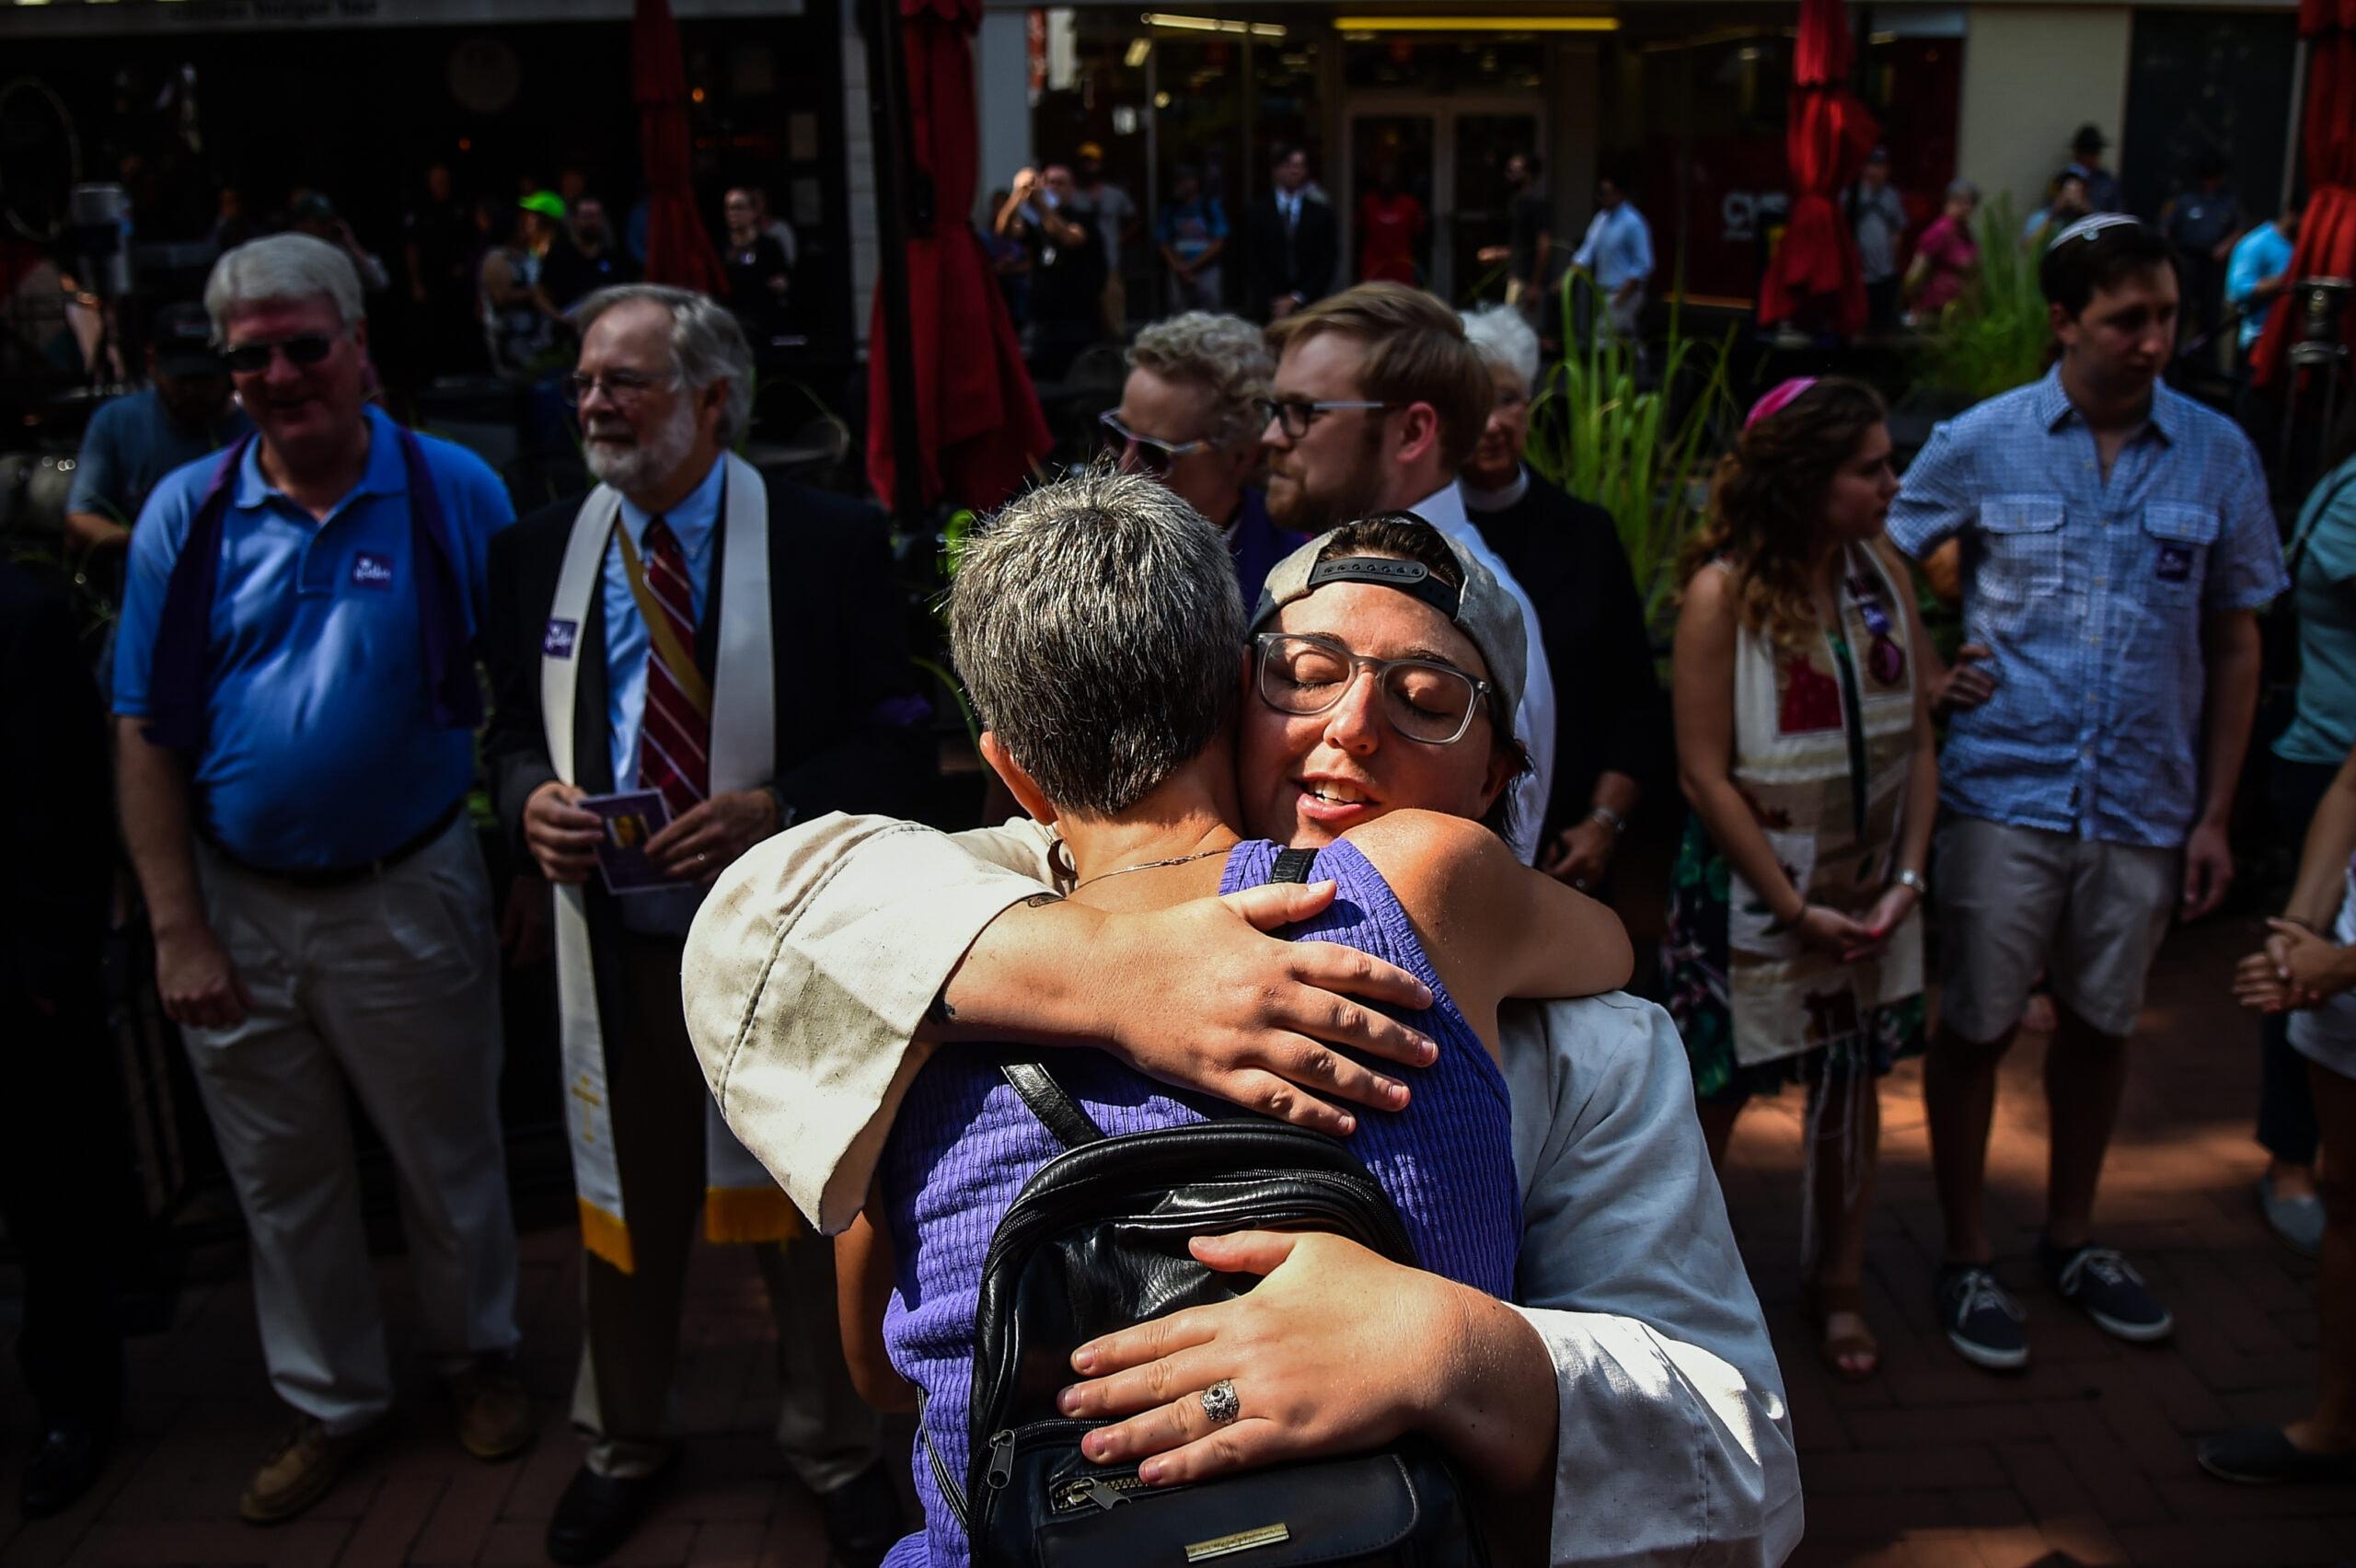 בריטני קיין-קונלי מחבקת חברה אחרי הלוויית לת'ר הייר, שהפגינה נגד עצרת הימין בשרלוטסוויל, 16 באוגוסט 2017 (צילום: Salwan Georges/The Washington Post via Getty Images)